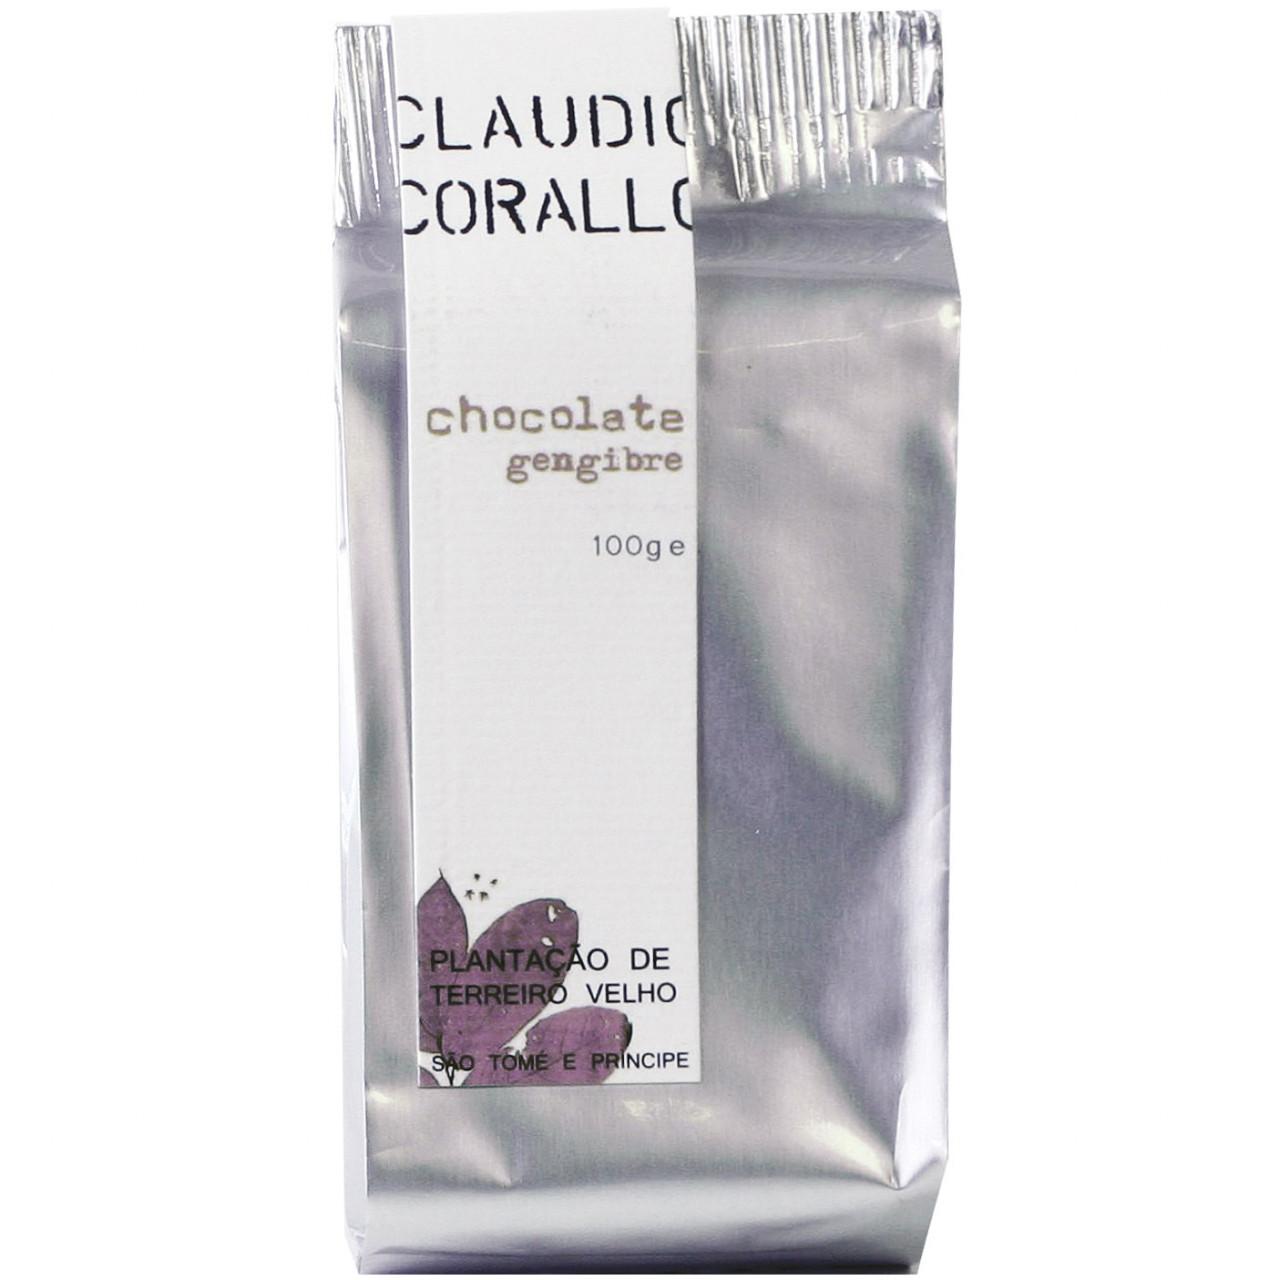 dunkle Schokolade, Schokolade mit Ingwer, Schokolade von Sao Tomé, ginger chocolate, chocolat noir gingembre,